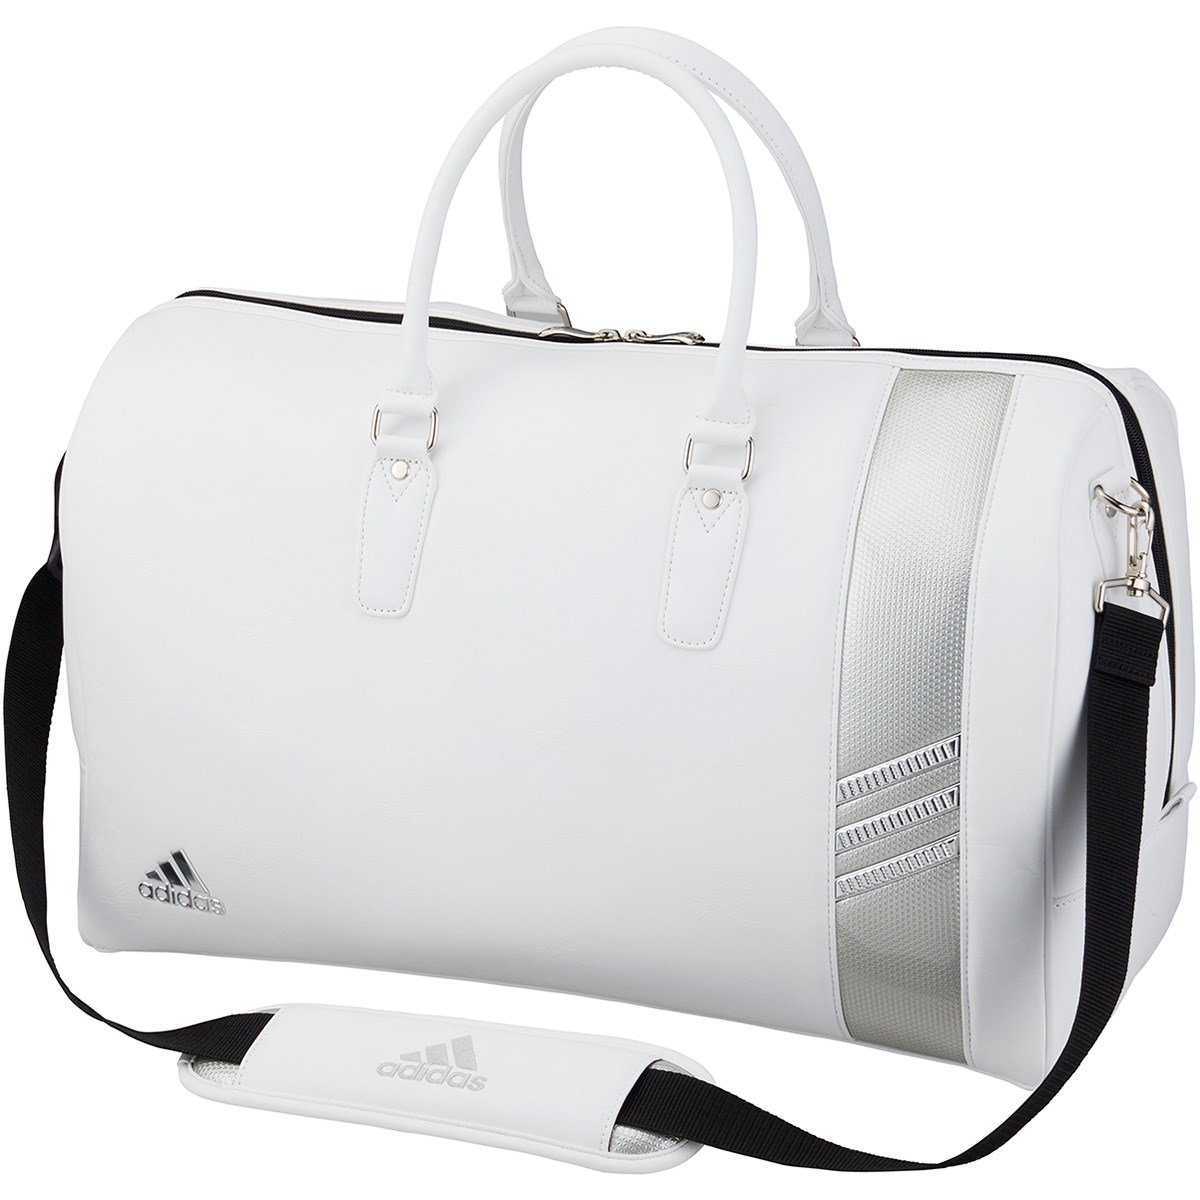 アディダス(adidas) ピュアメタルボストンバッグ 2